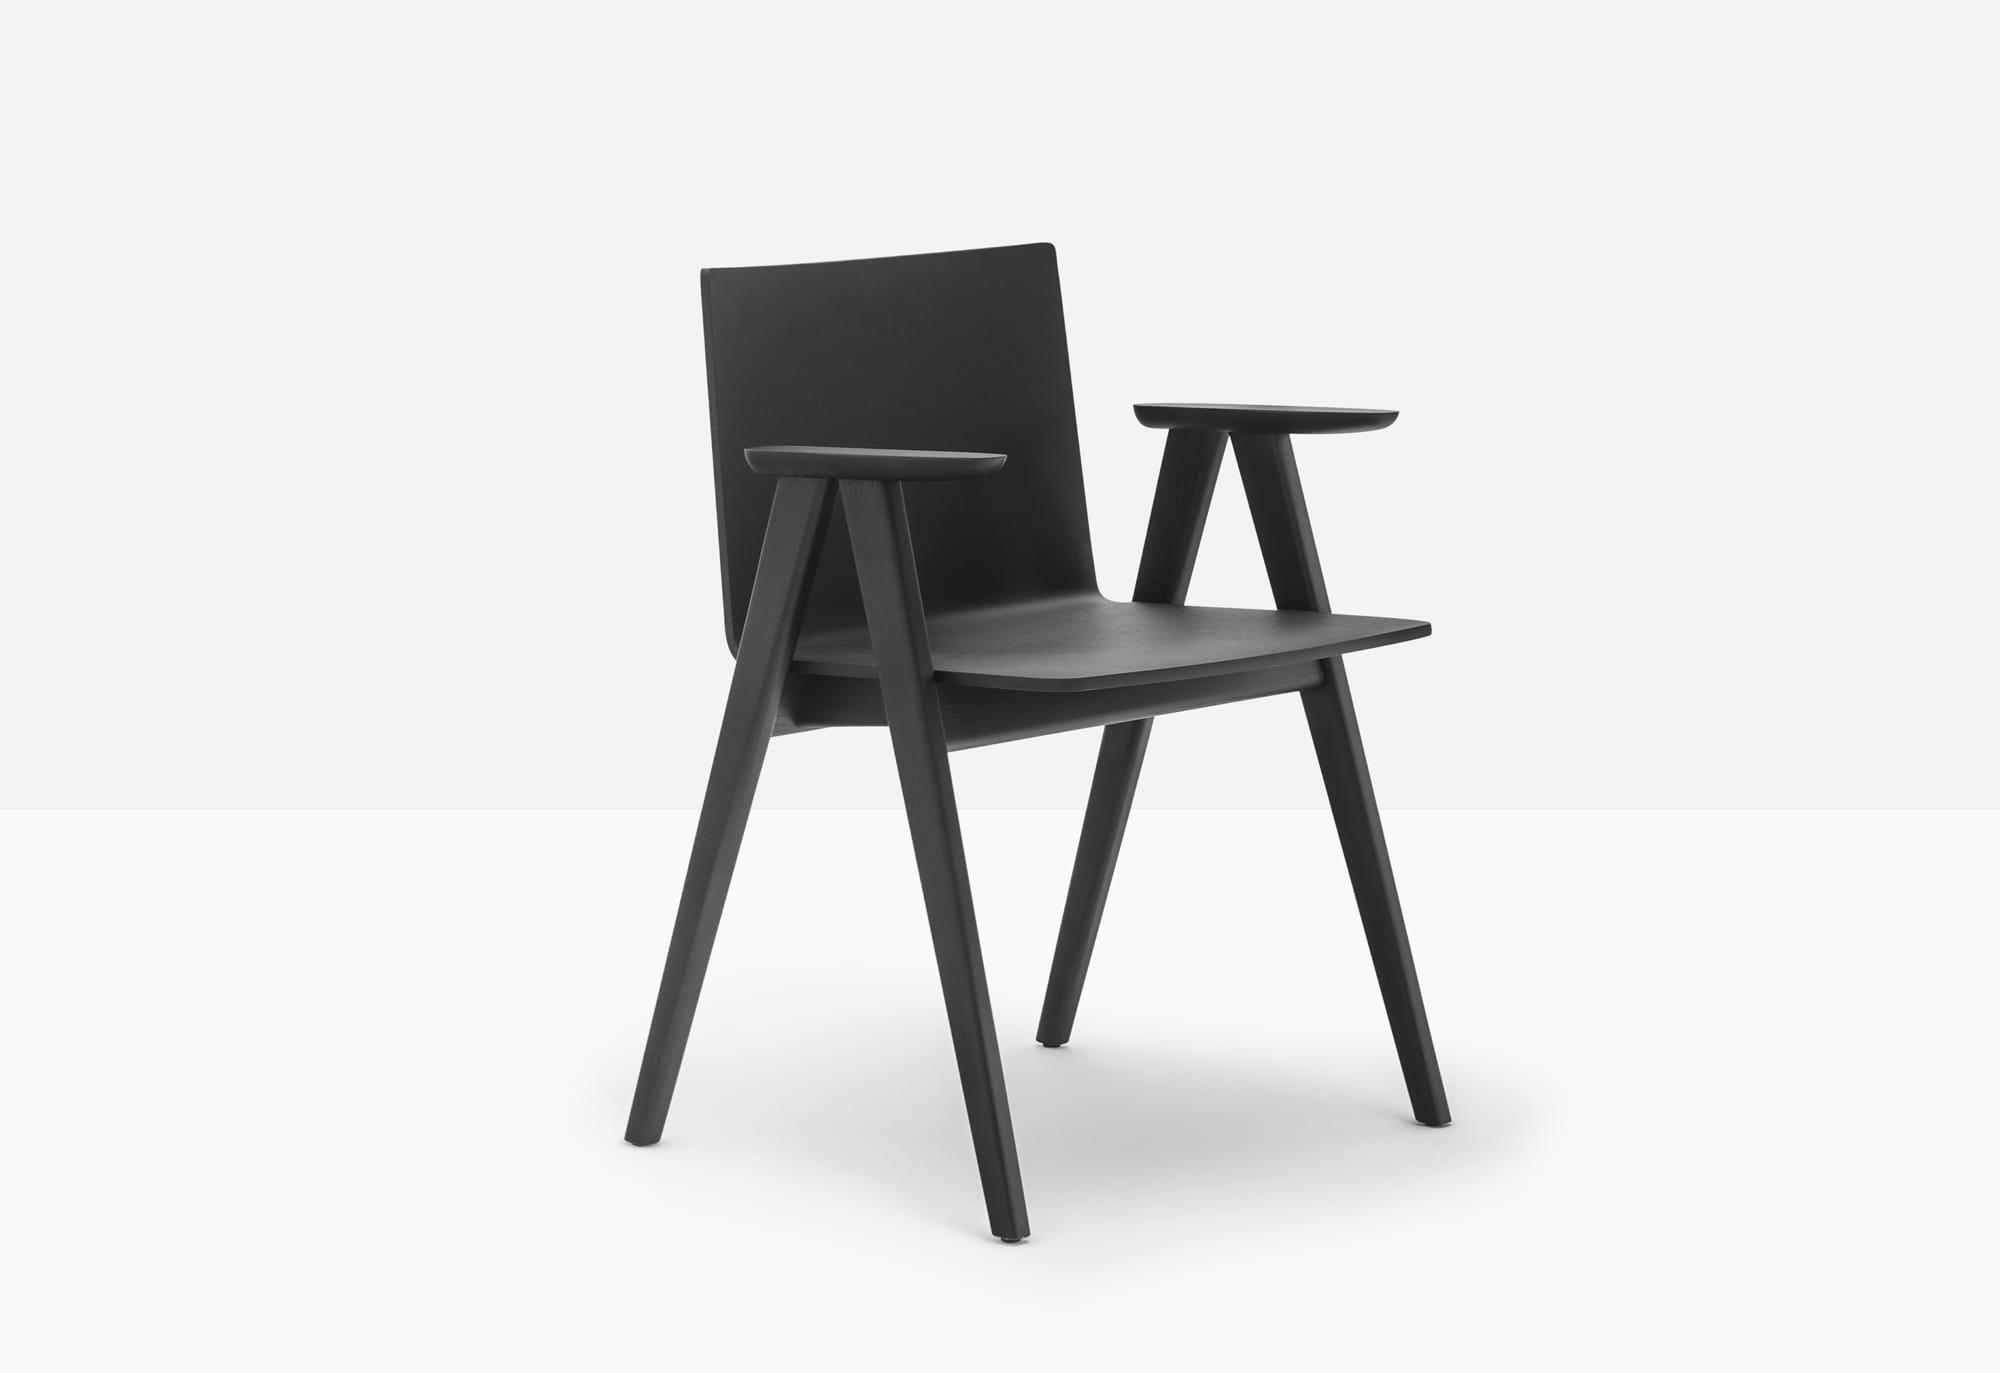 Pedrali Krzesło Osaka 2815 VE2 Szmaragdowy